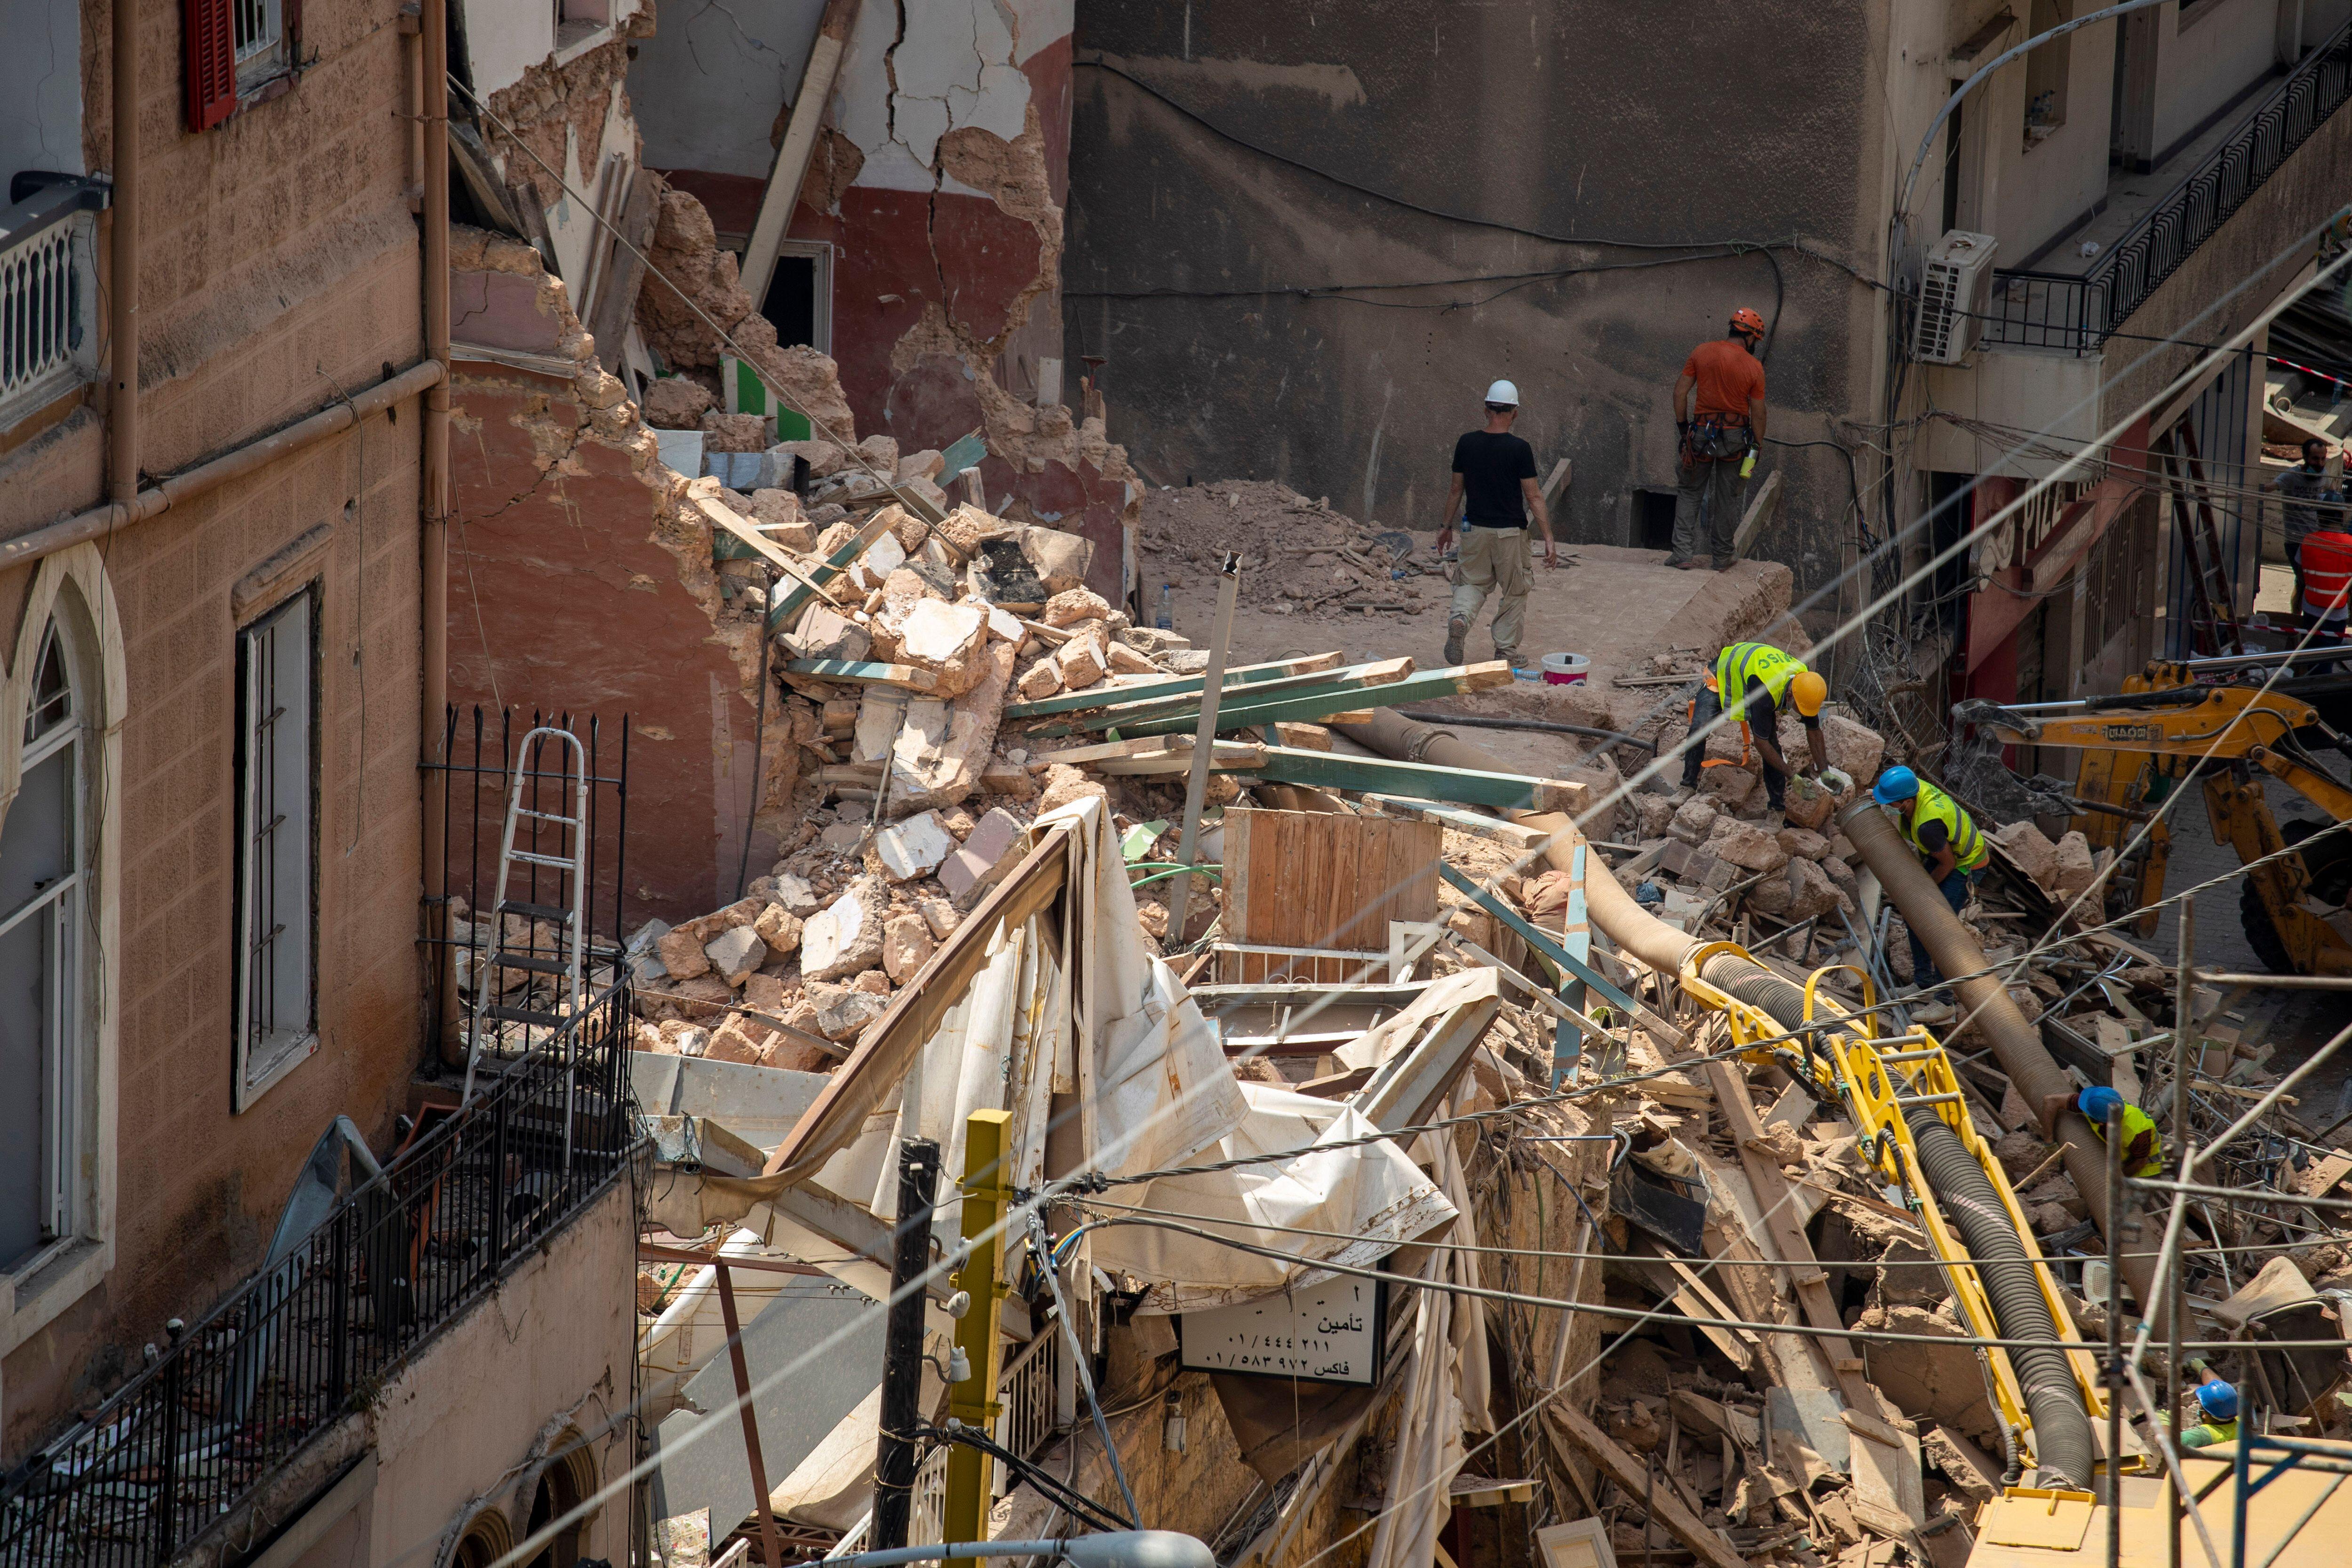 À Beyrouth, il n'y a plus d'espoir de retrouver un survivant de l'explosion, un mois après...